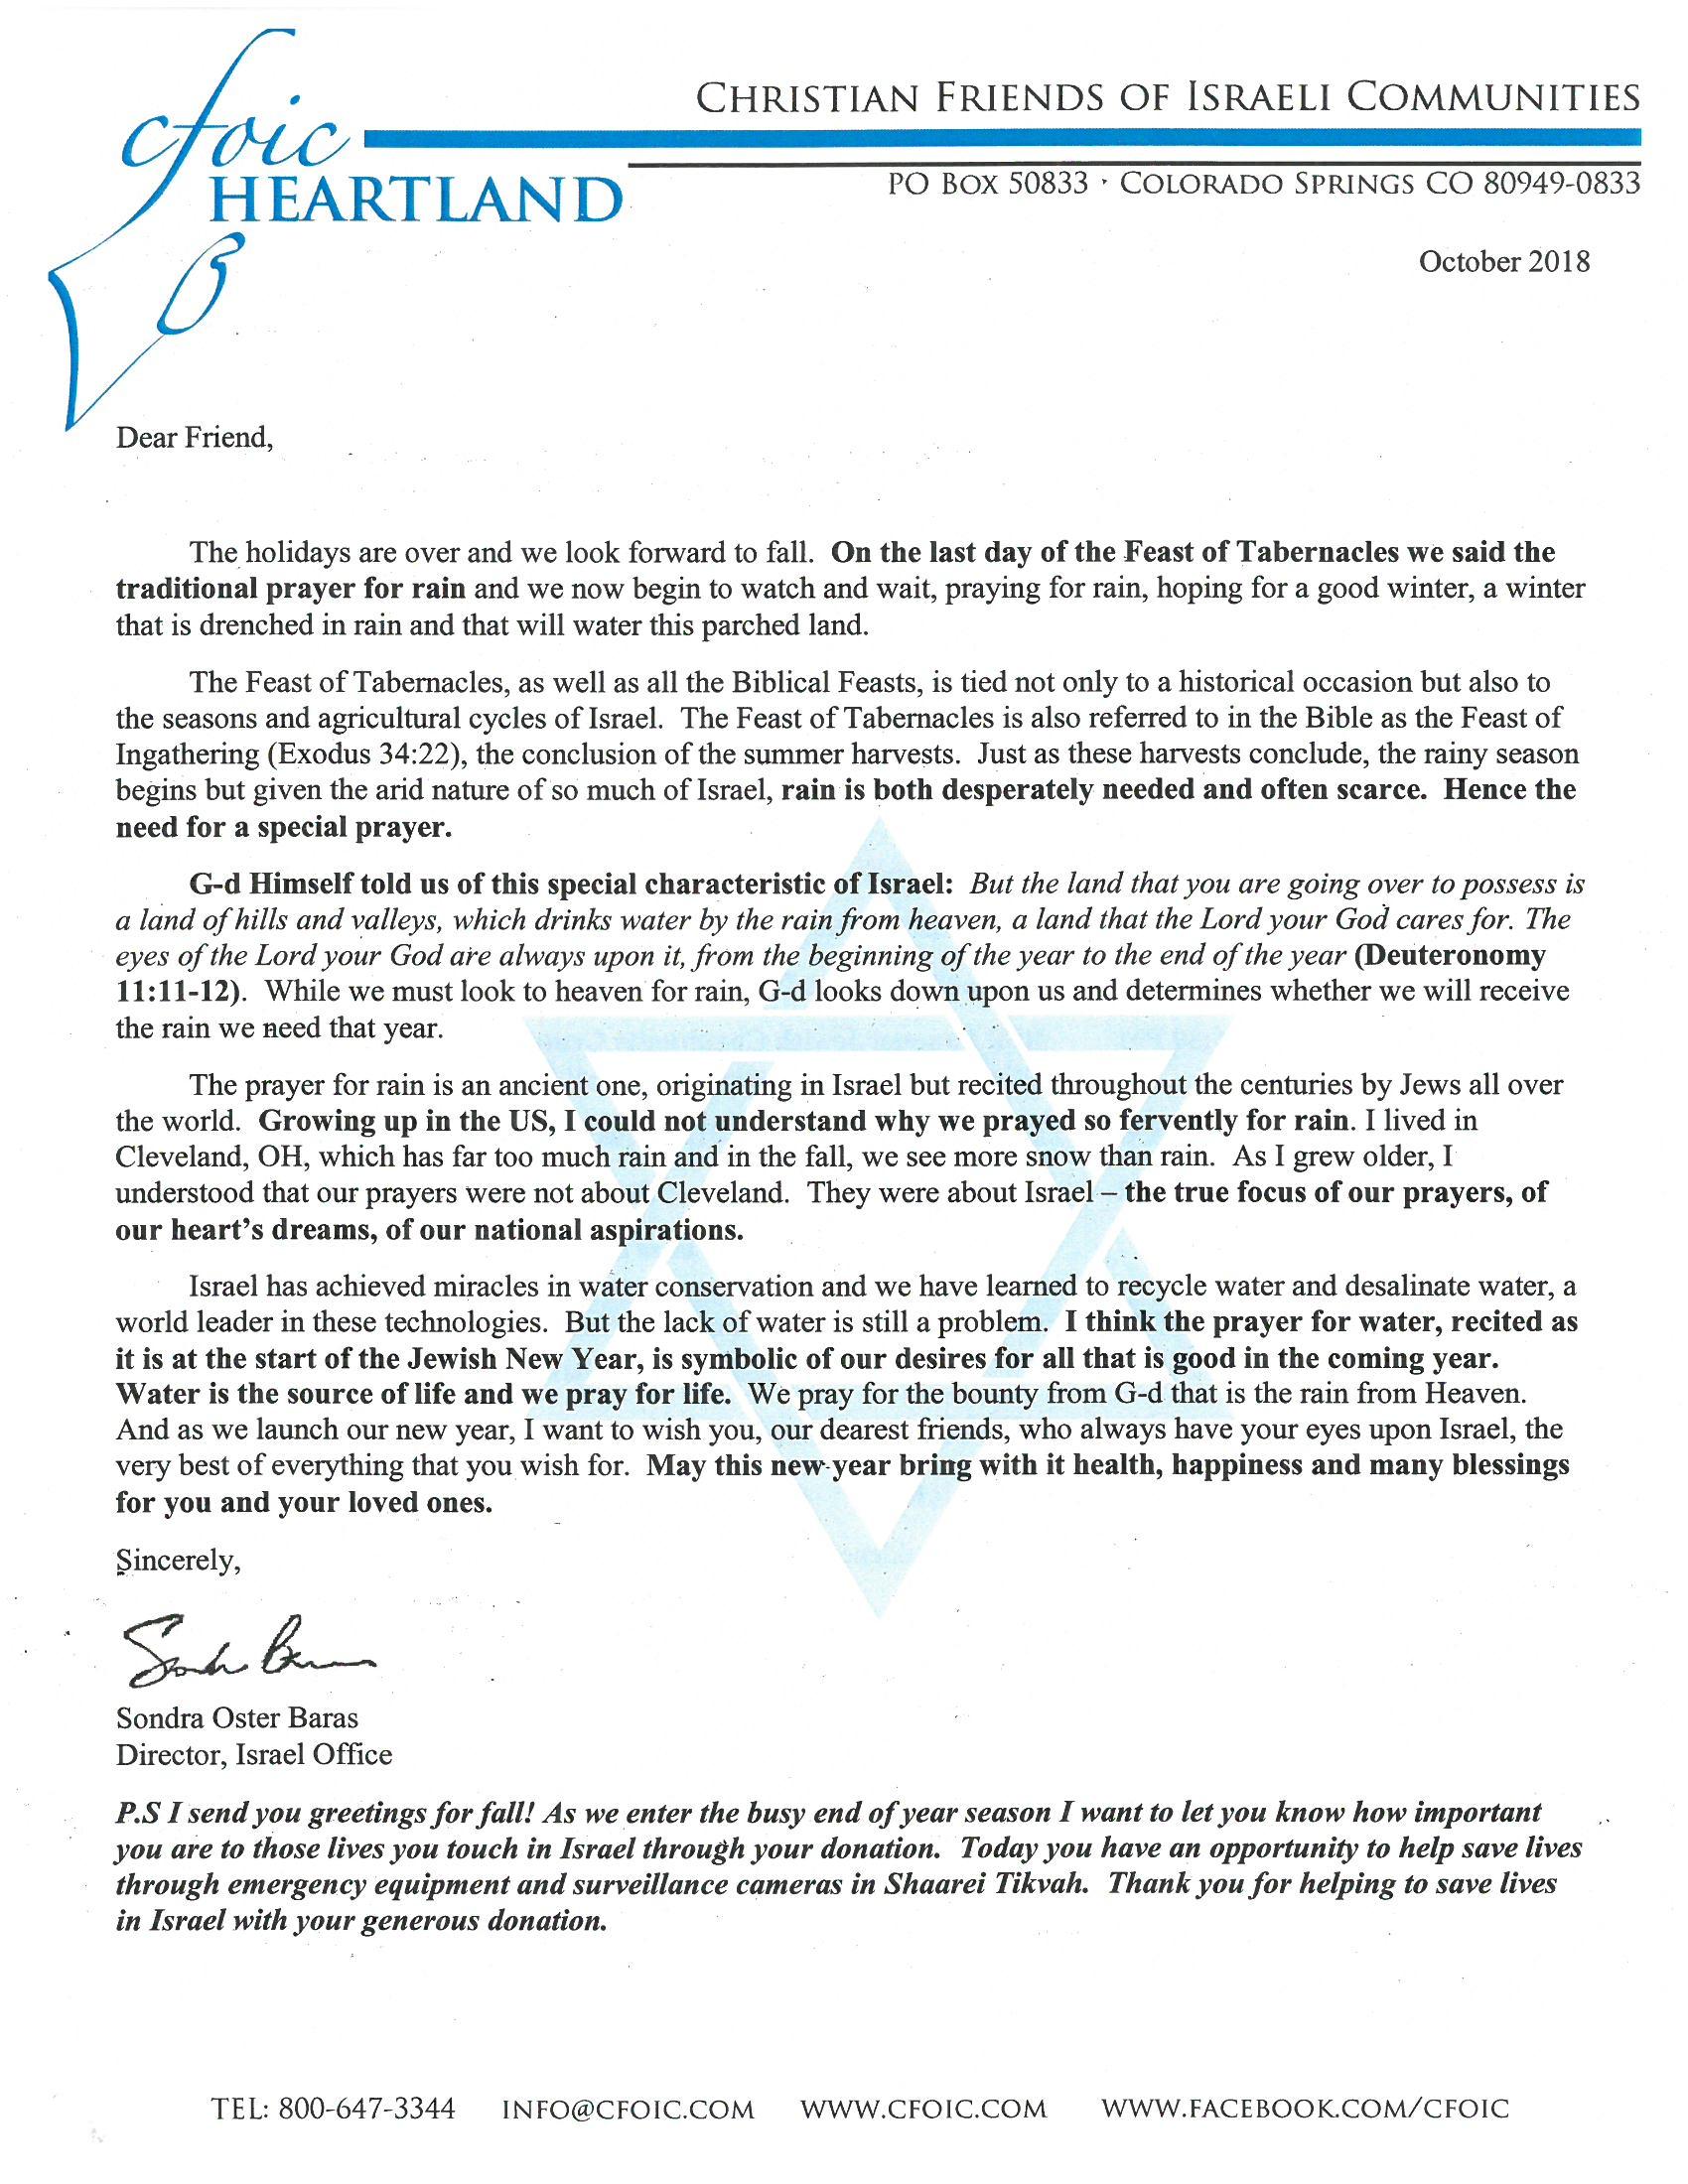 Letter From Sondra – Oct 2018 | Christian Friends of Israeli